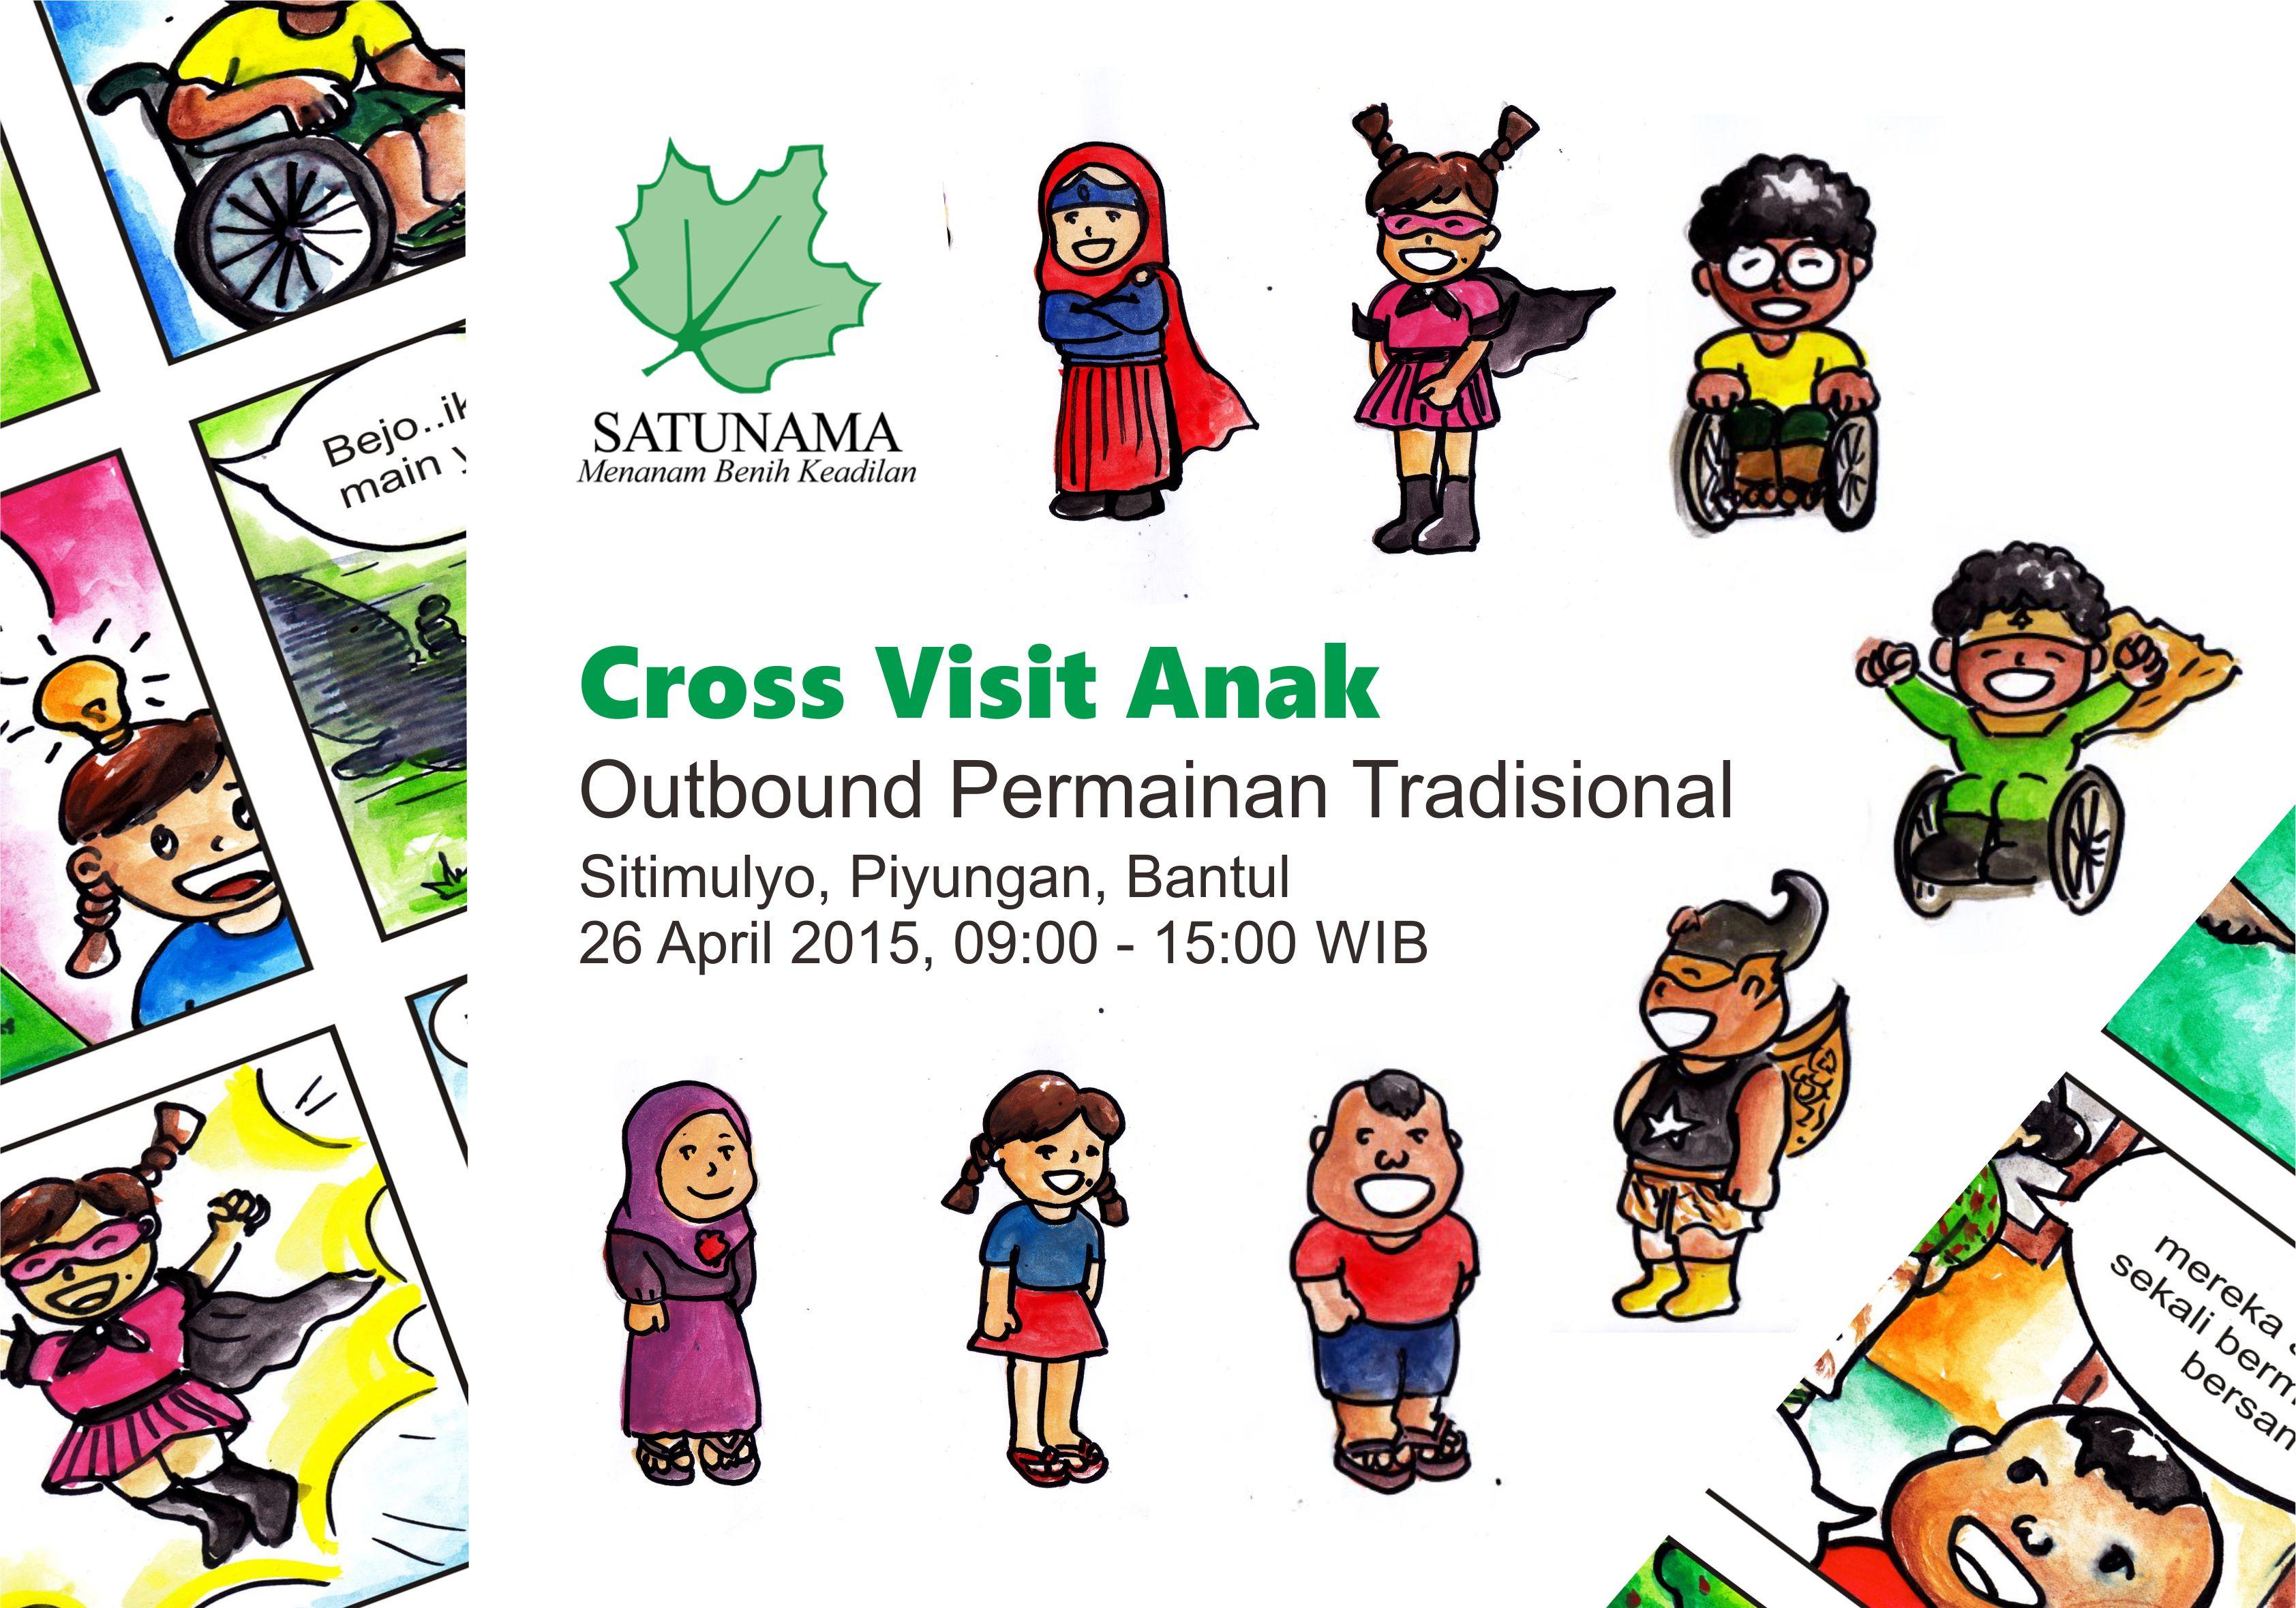 Cross Visit & Permainan Tradisional Anak Siap Dihelat